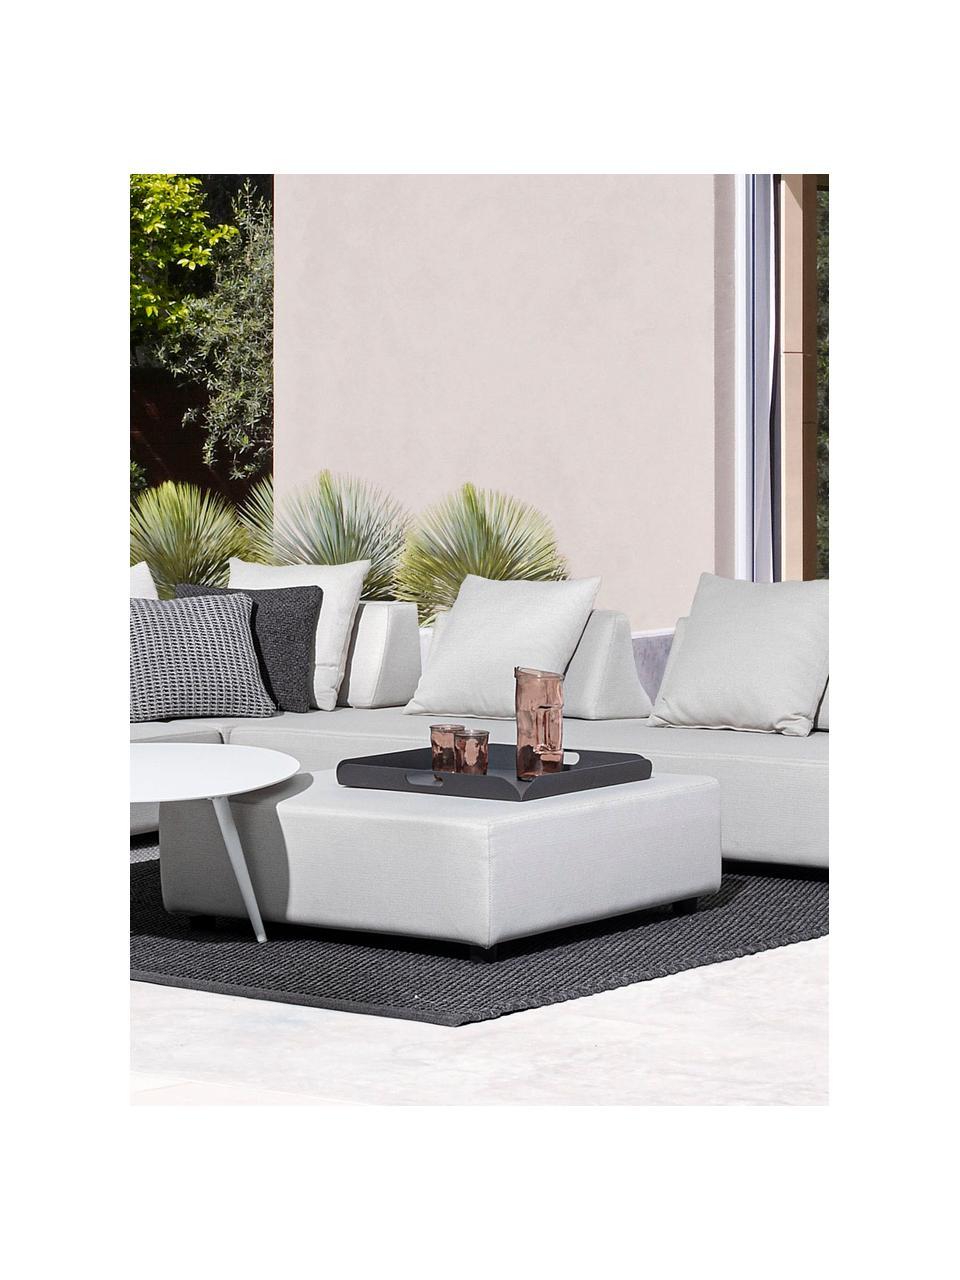 Salon de jardin modulable couleur sable Piper, 4élém., Couleur sable, blanc crème